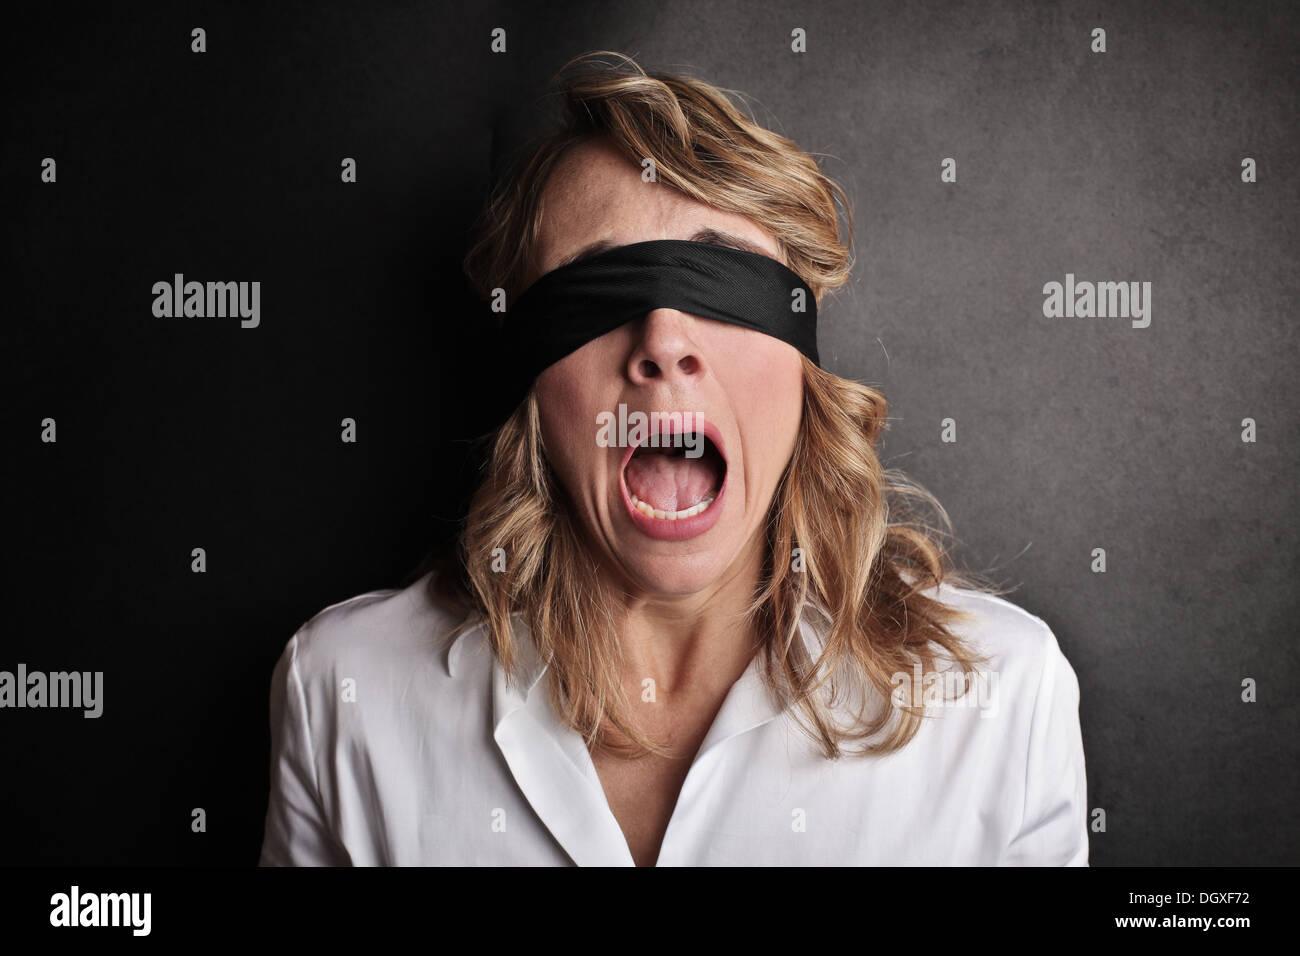 Asustada mujer gritando con los ojos vendados Imagen De Stock